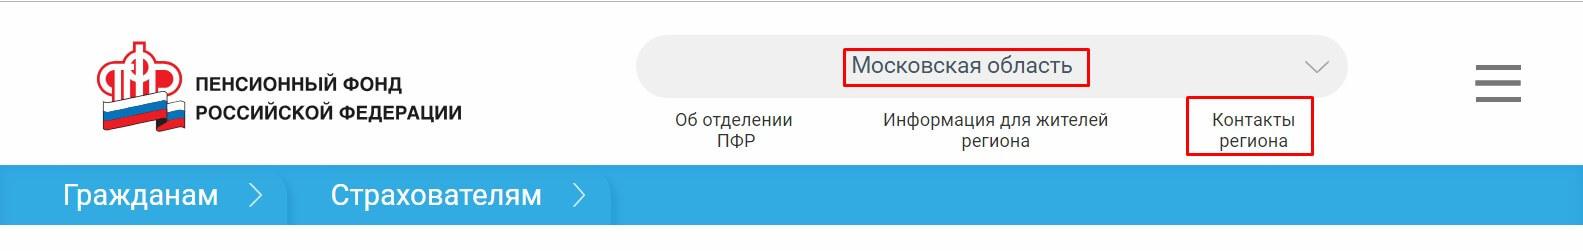 Пенсионный фонд Рошаль Московской области